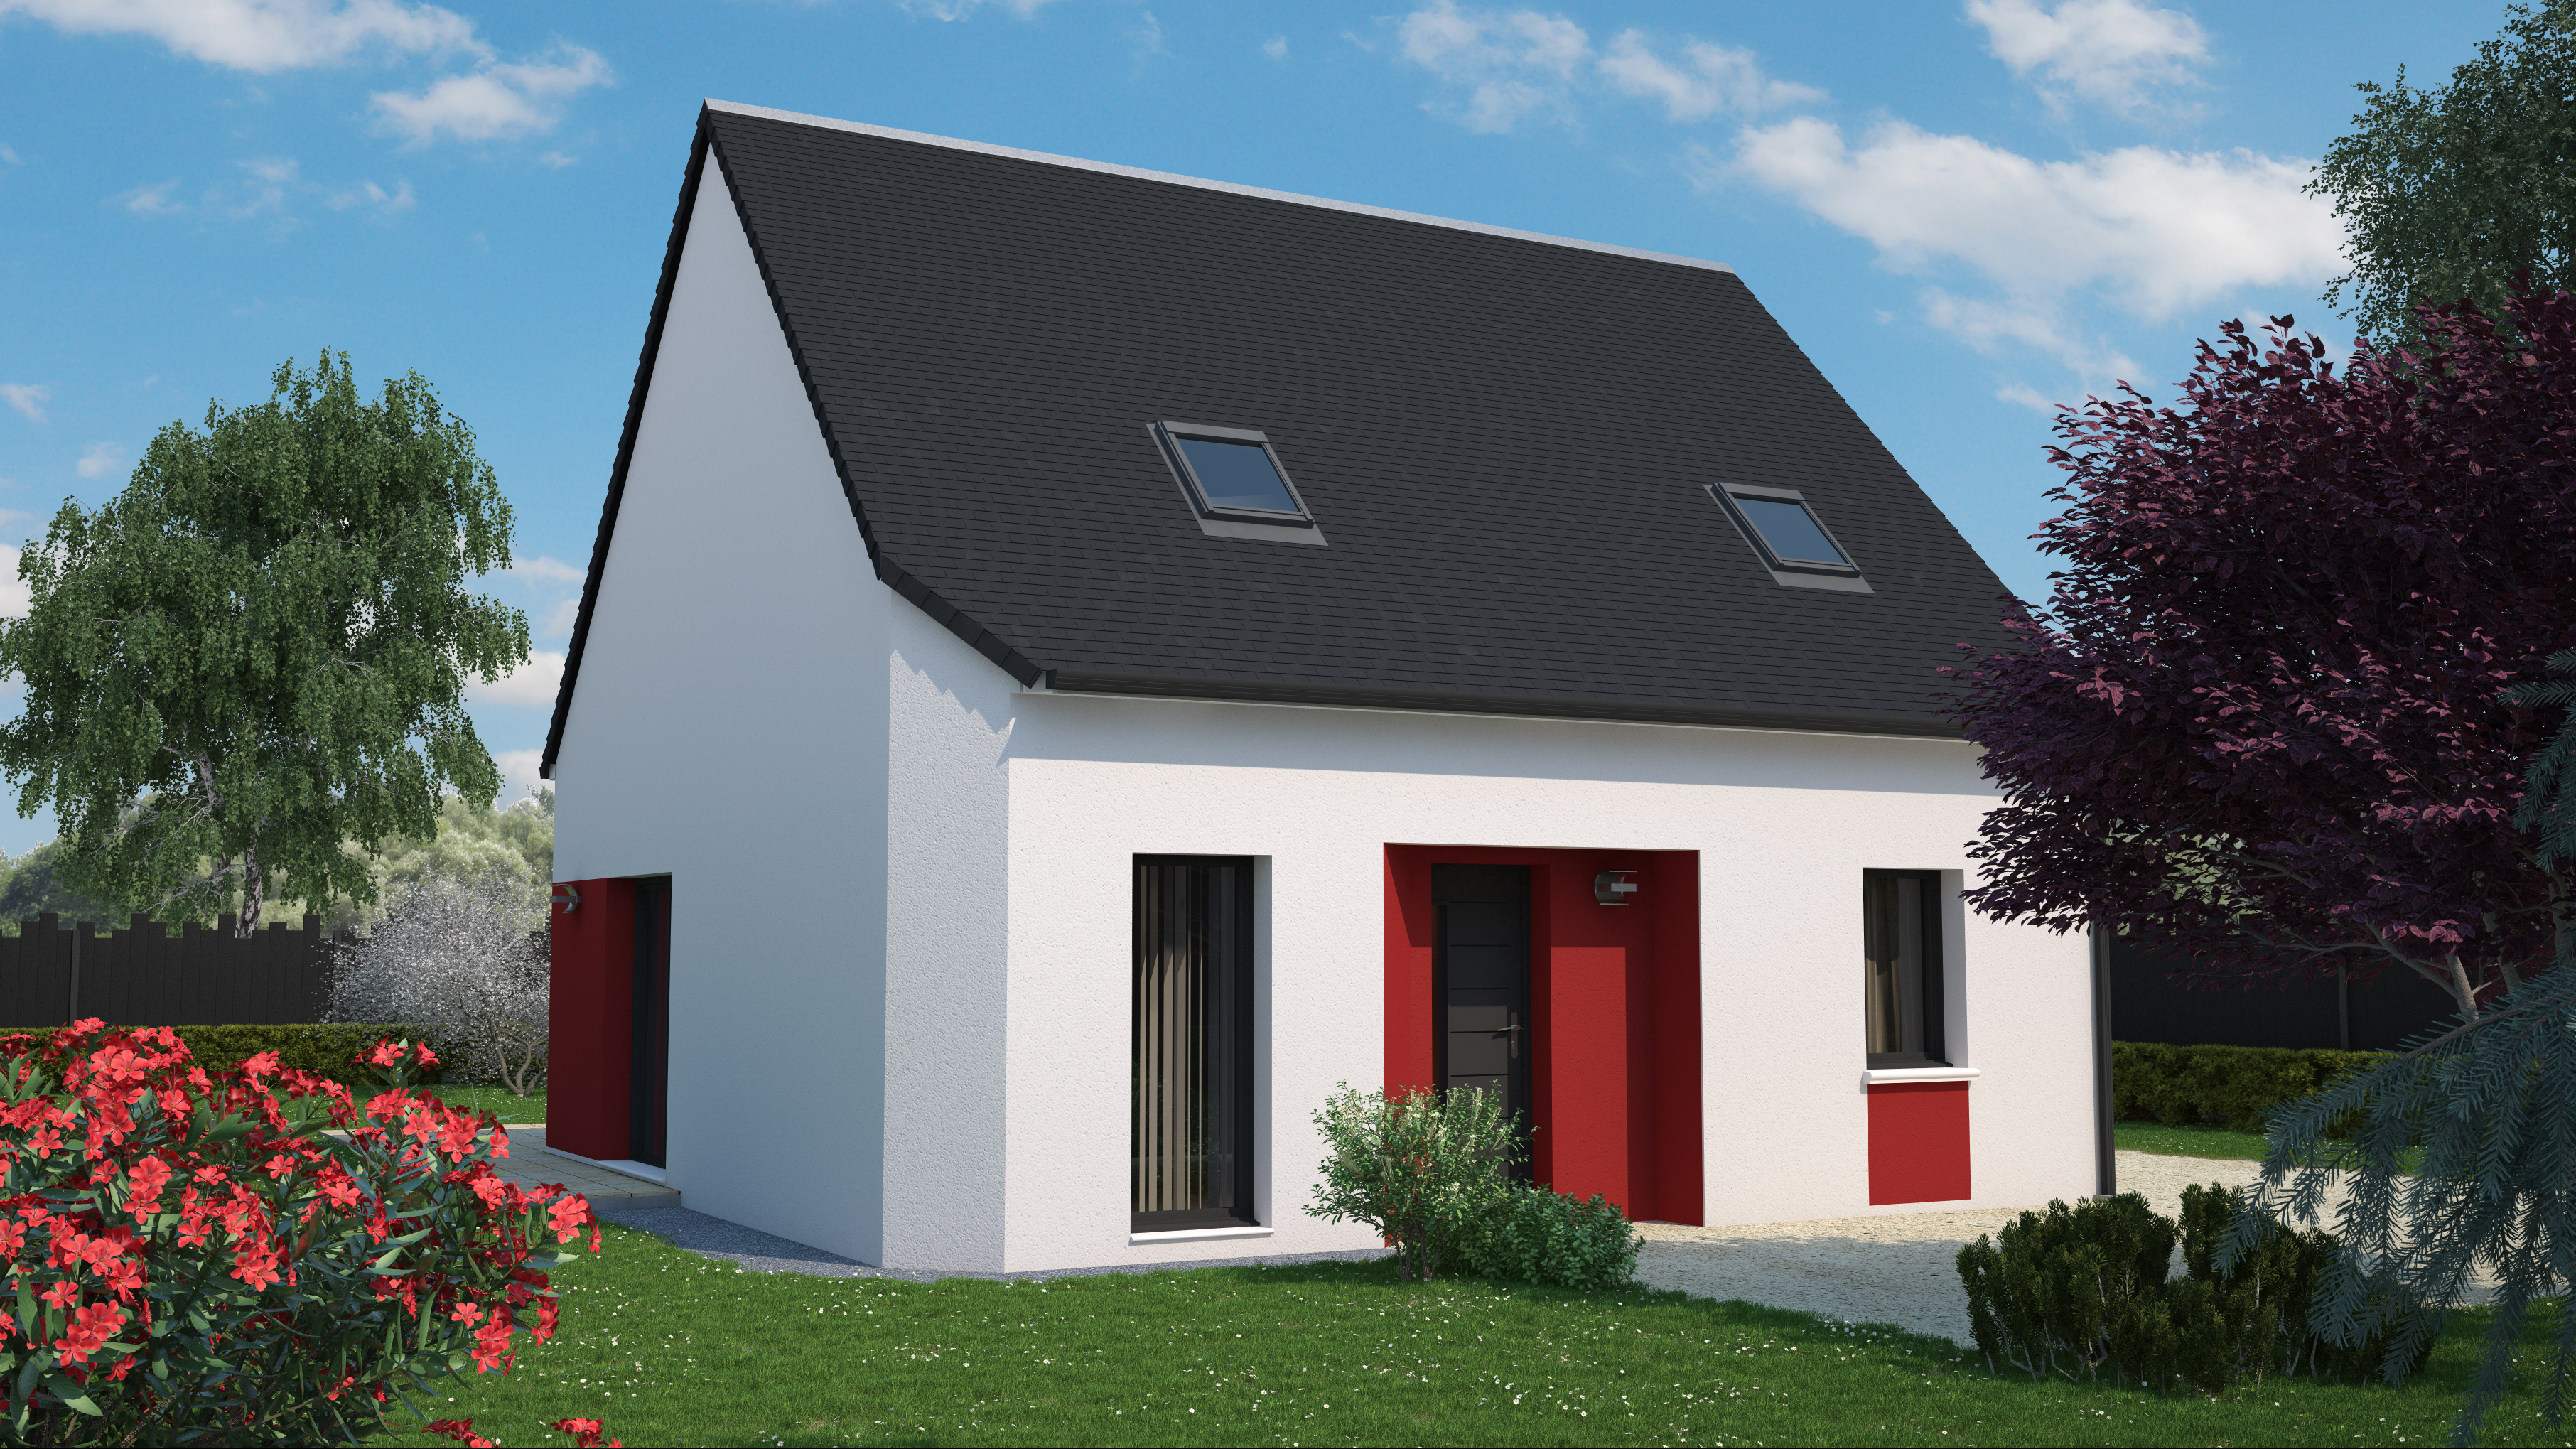 Maison à vendre à Villorceau